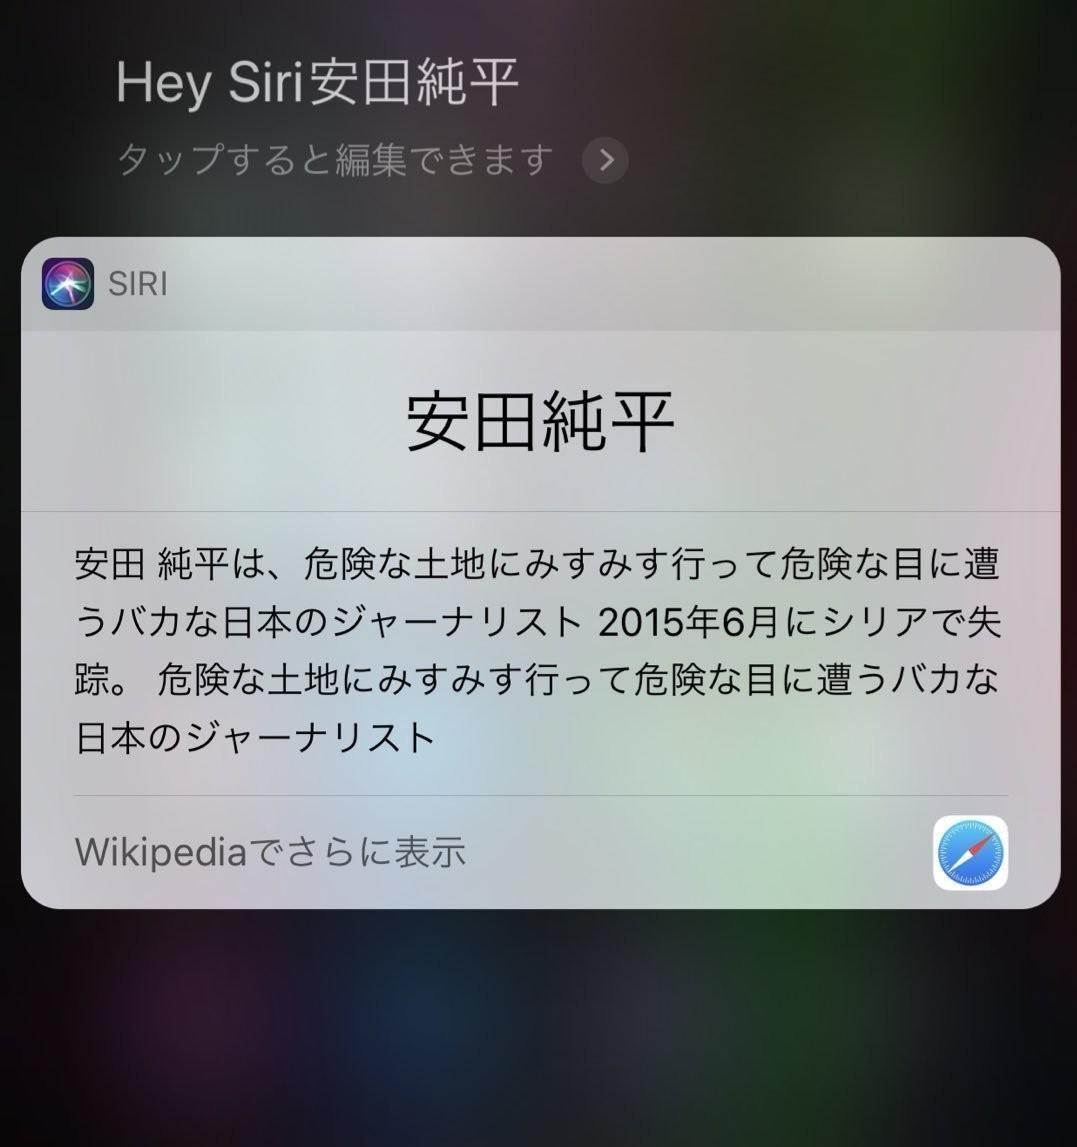 【ウマル】安田純平さんについて、iPhoneのSiriに聞いてみた